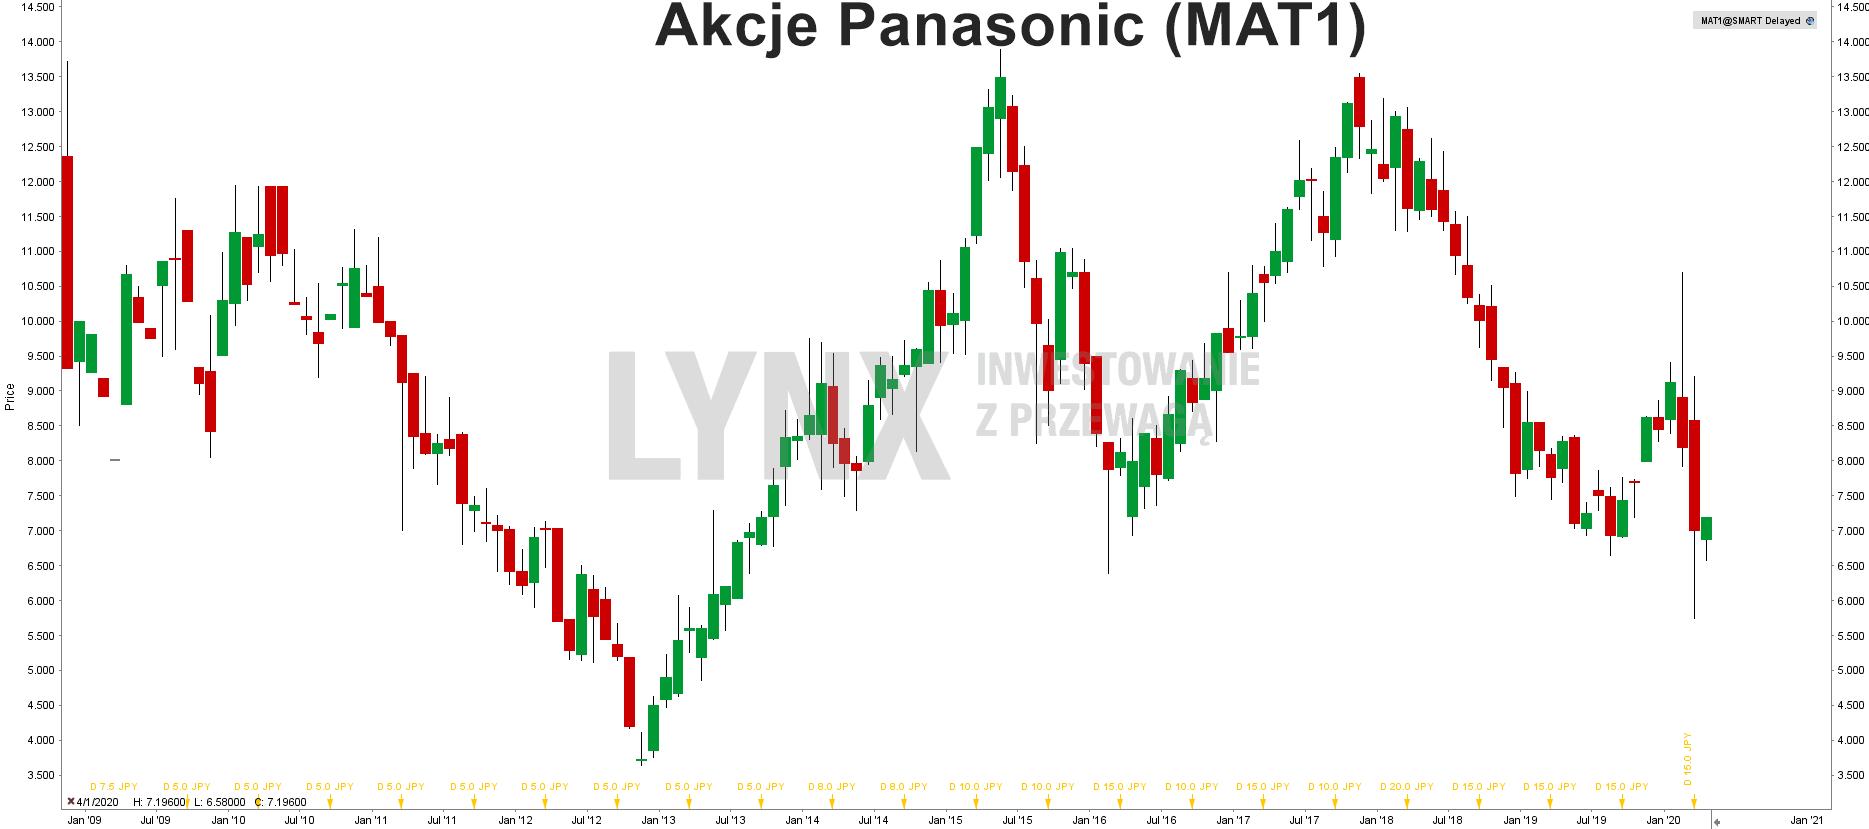 Akcje Panasonic (MAT1)